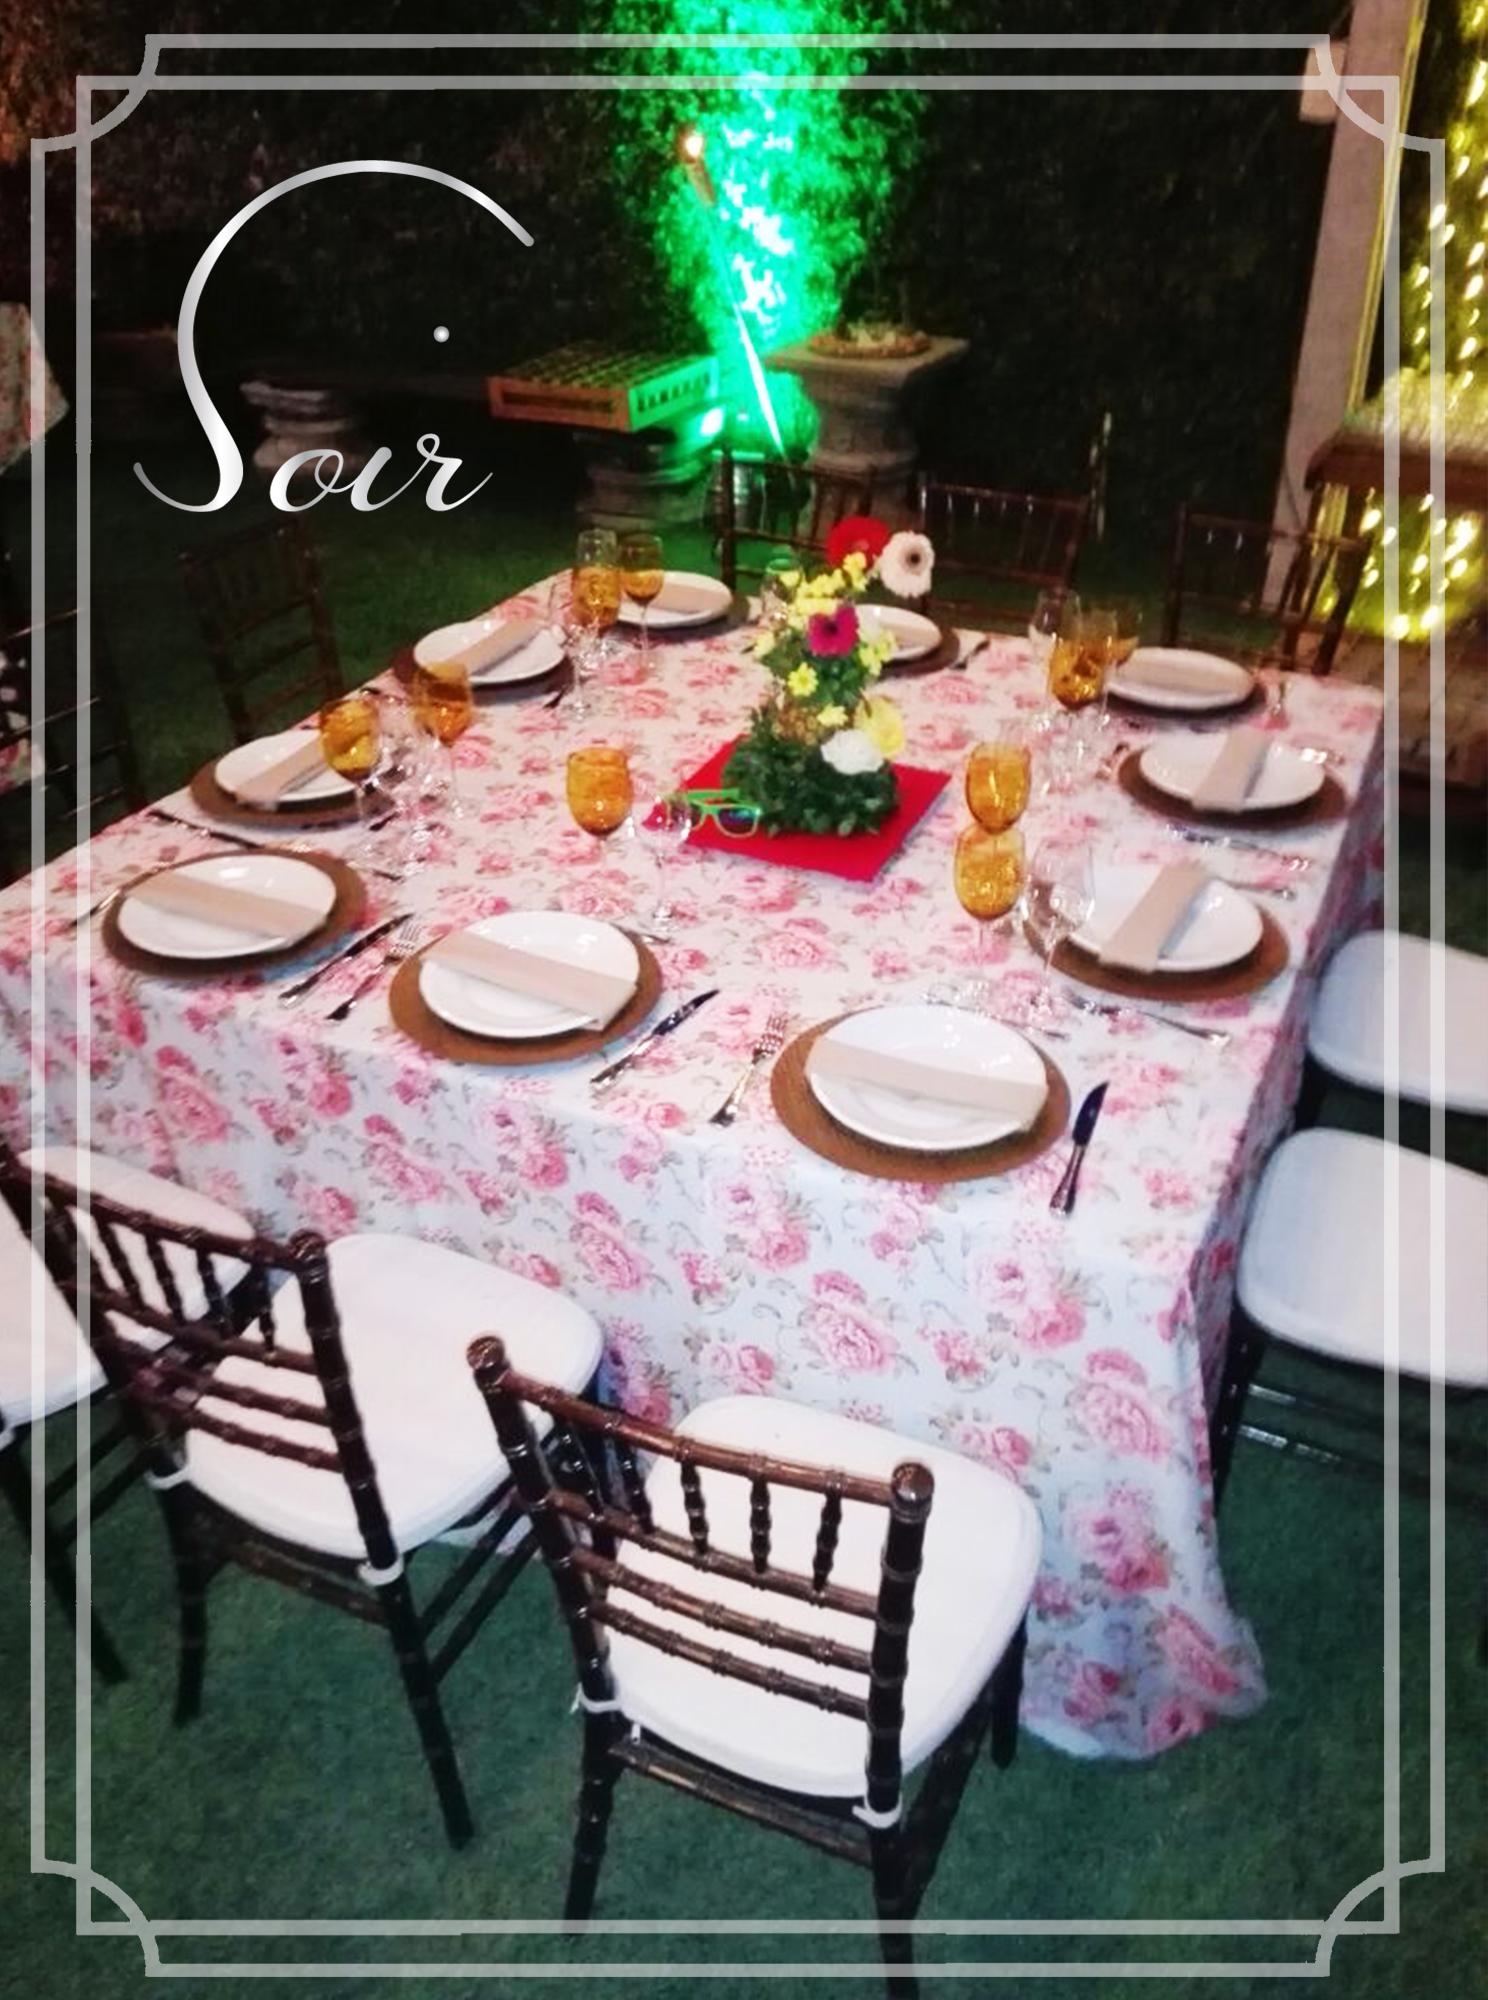 soir eventos fotos enero19